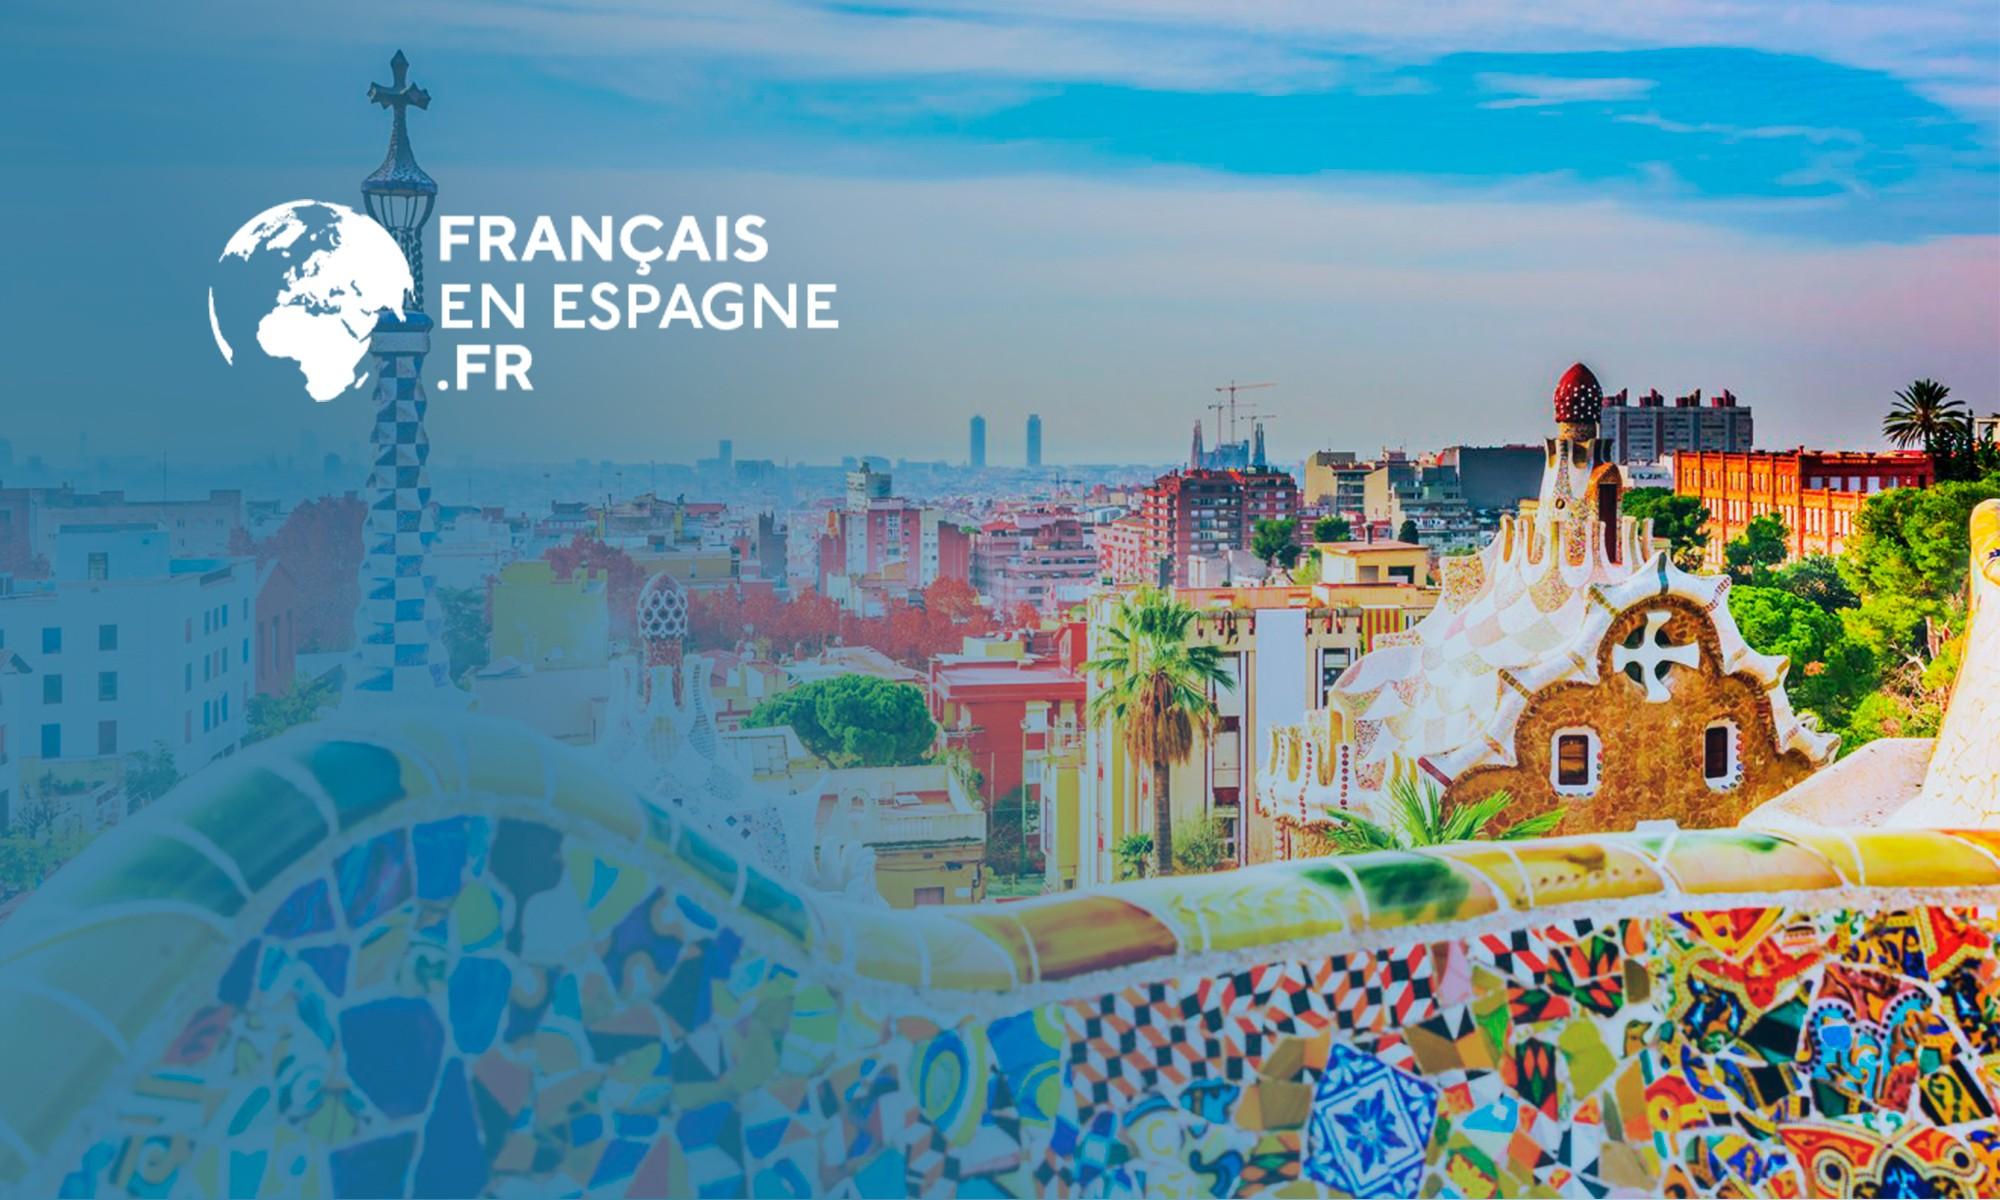 Nouveau site : Français en espagne